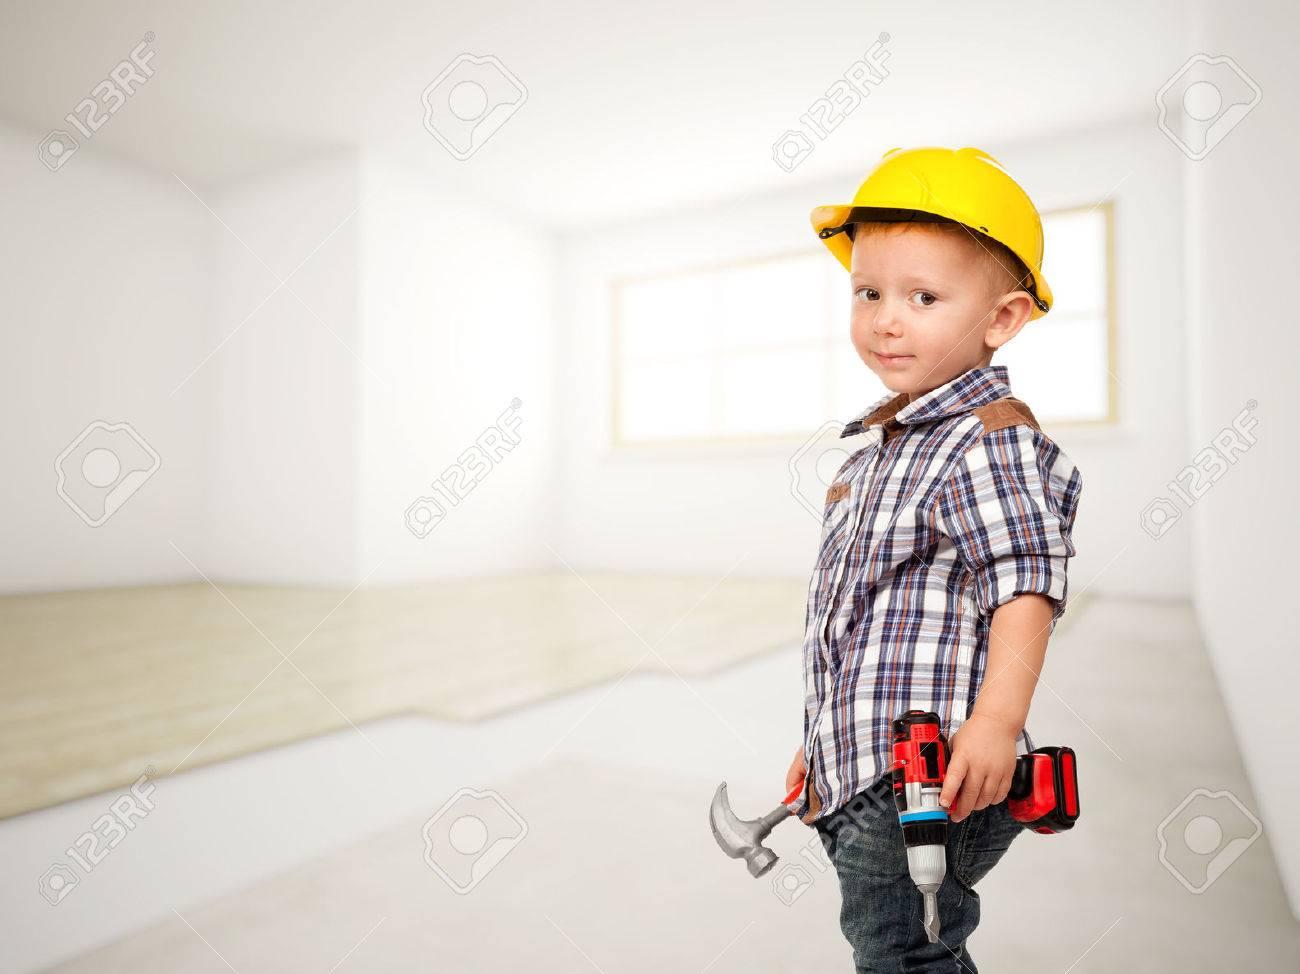 little carpenter at construction site - 46779111